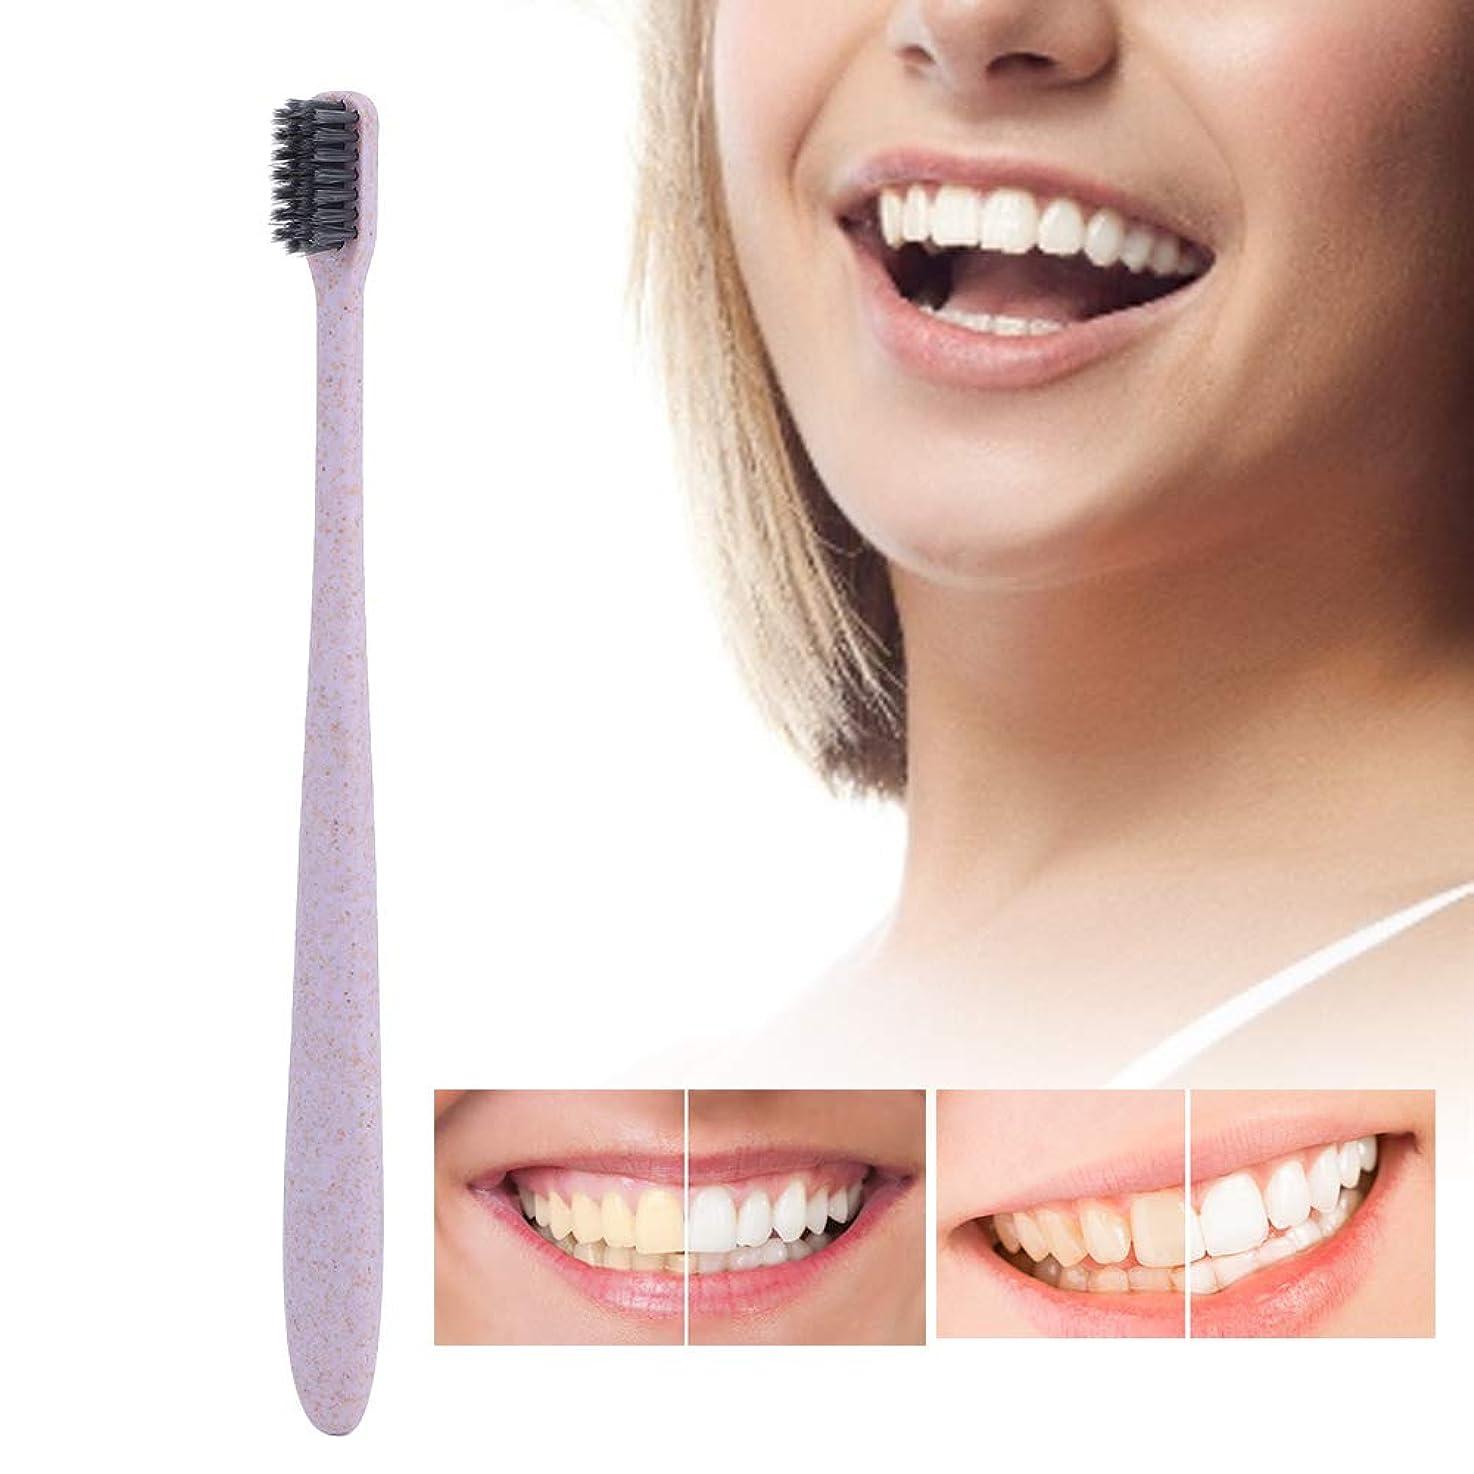 光格納トラクター10ピース歯ブラシ、柔らかい竹炭ブラシ髪小麦ハンドル歯ブラシ大人の口腔ケア歯ブラシ